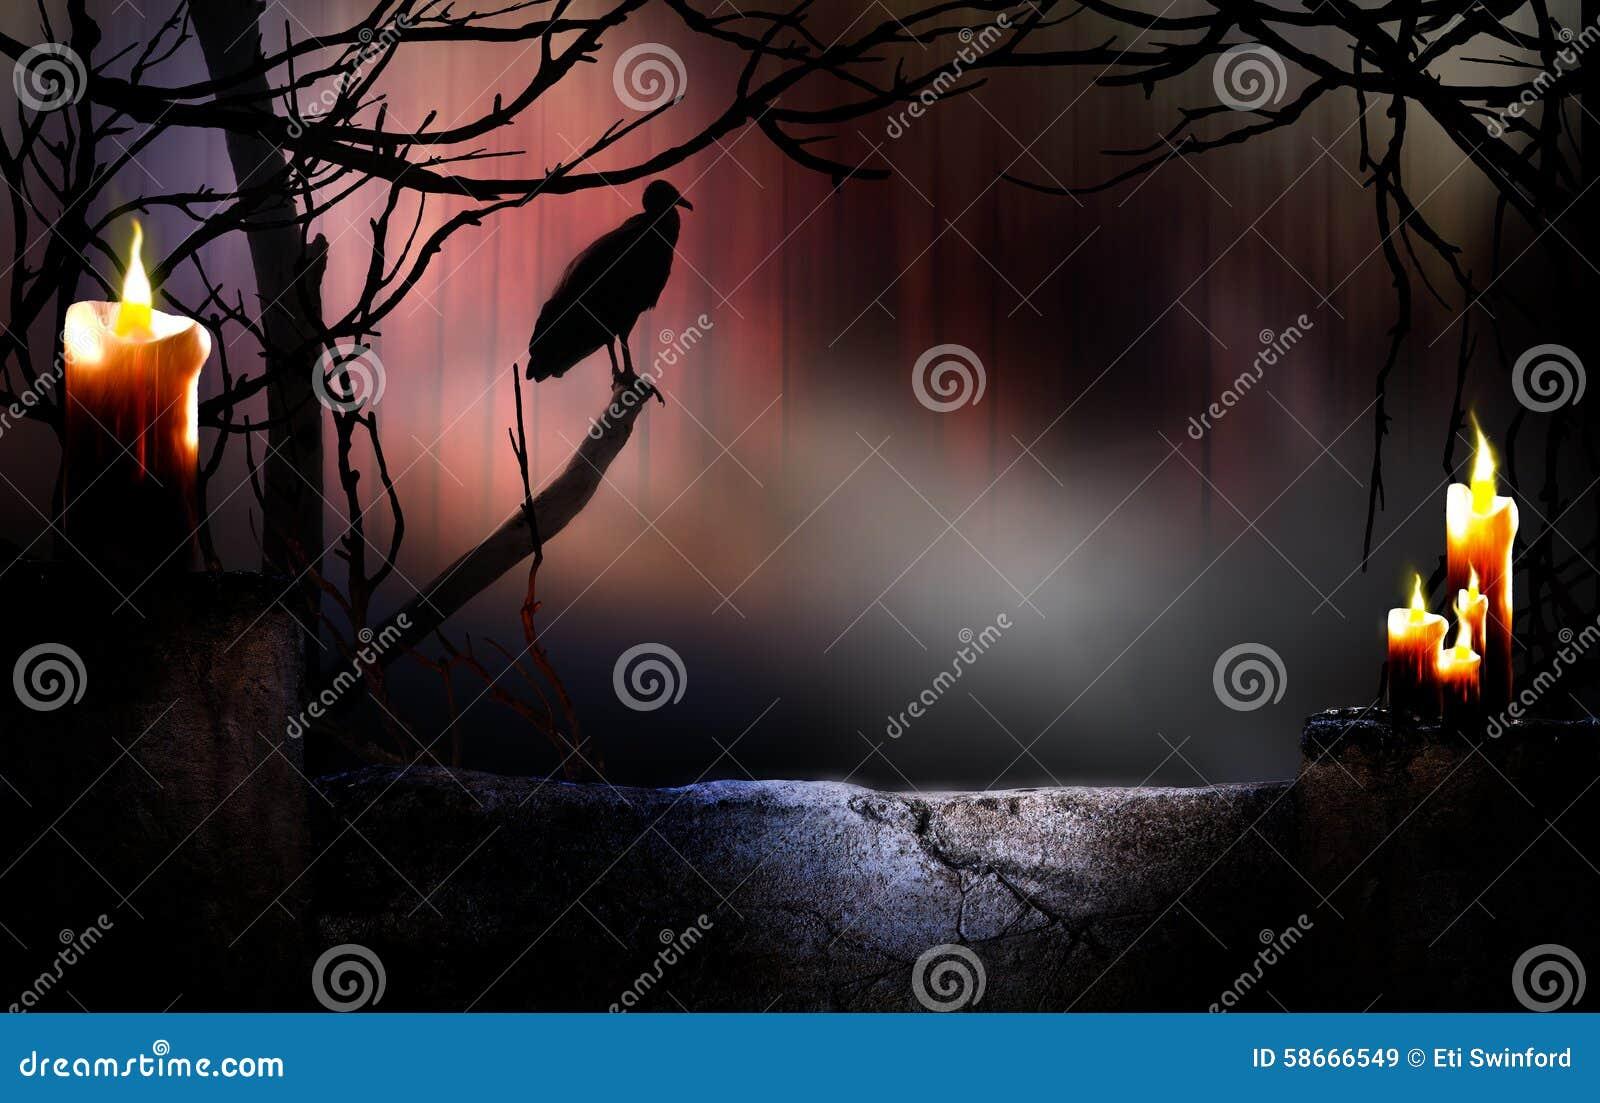 Fond de Halloween avec le vautour